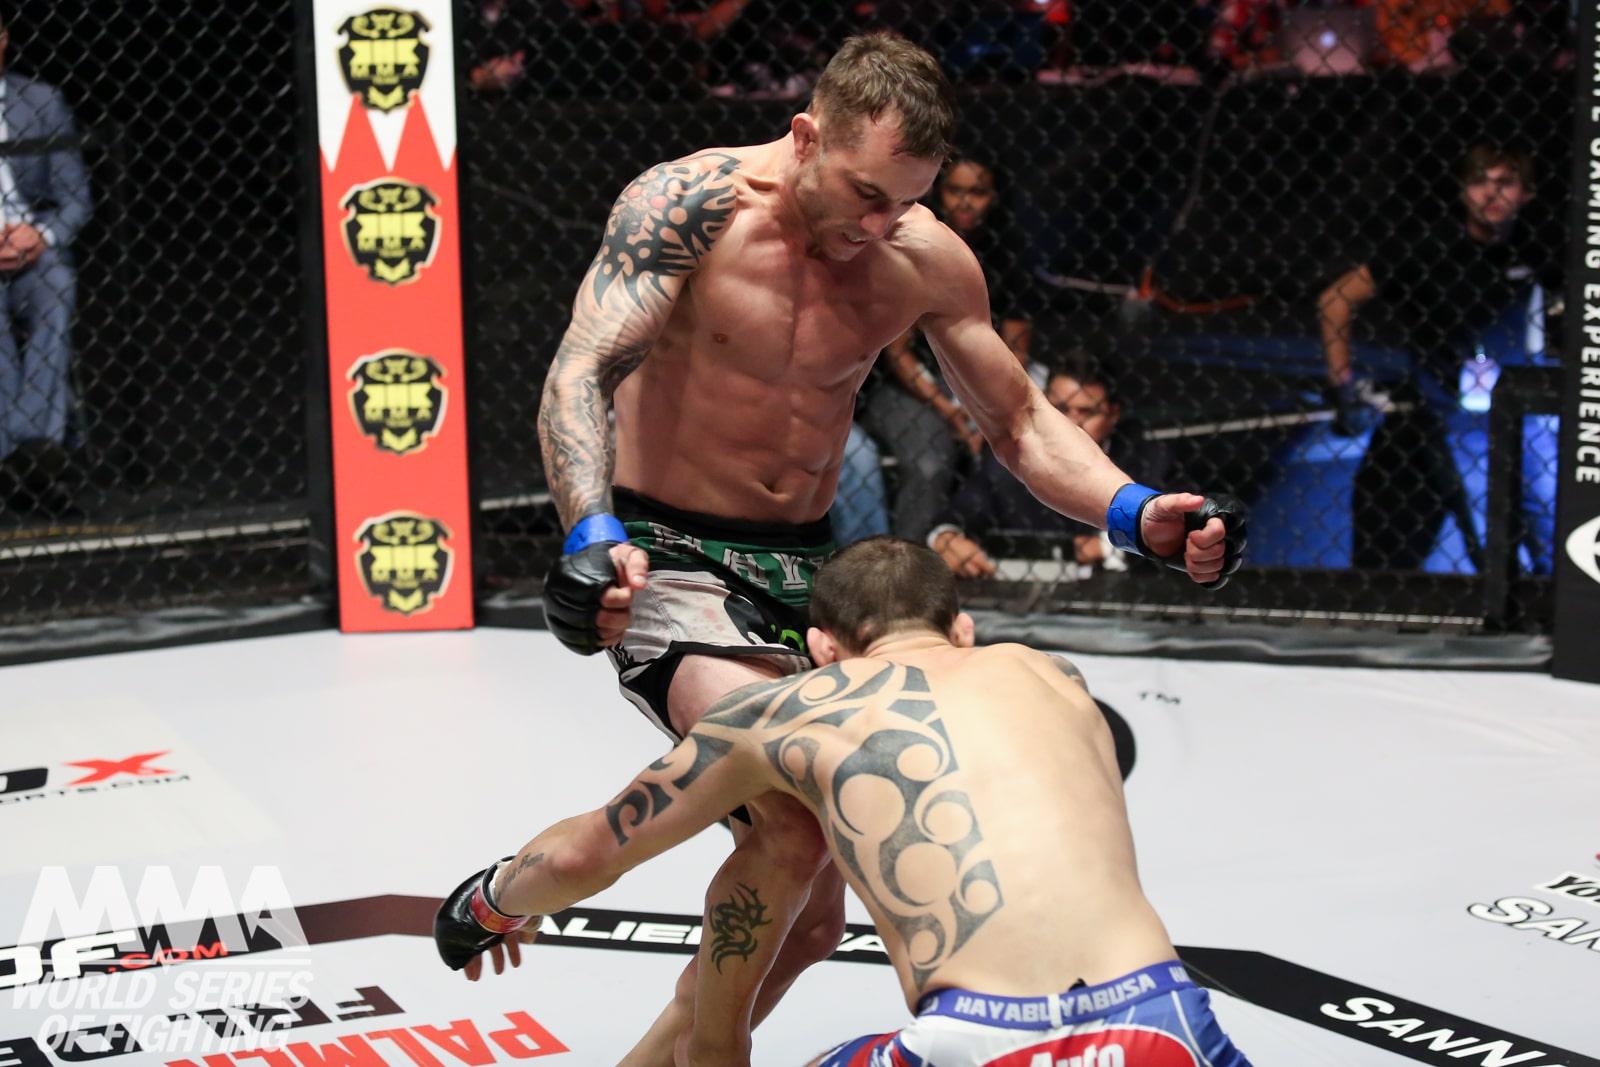 WSOF MMA